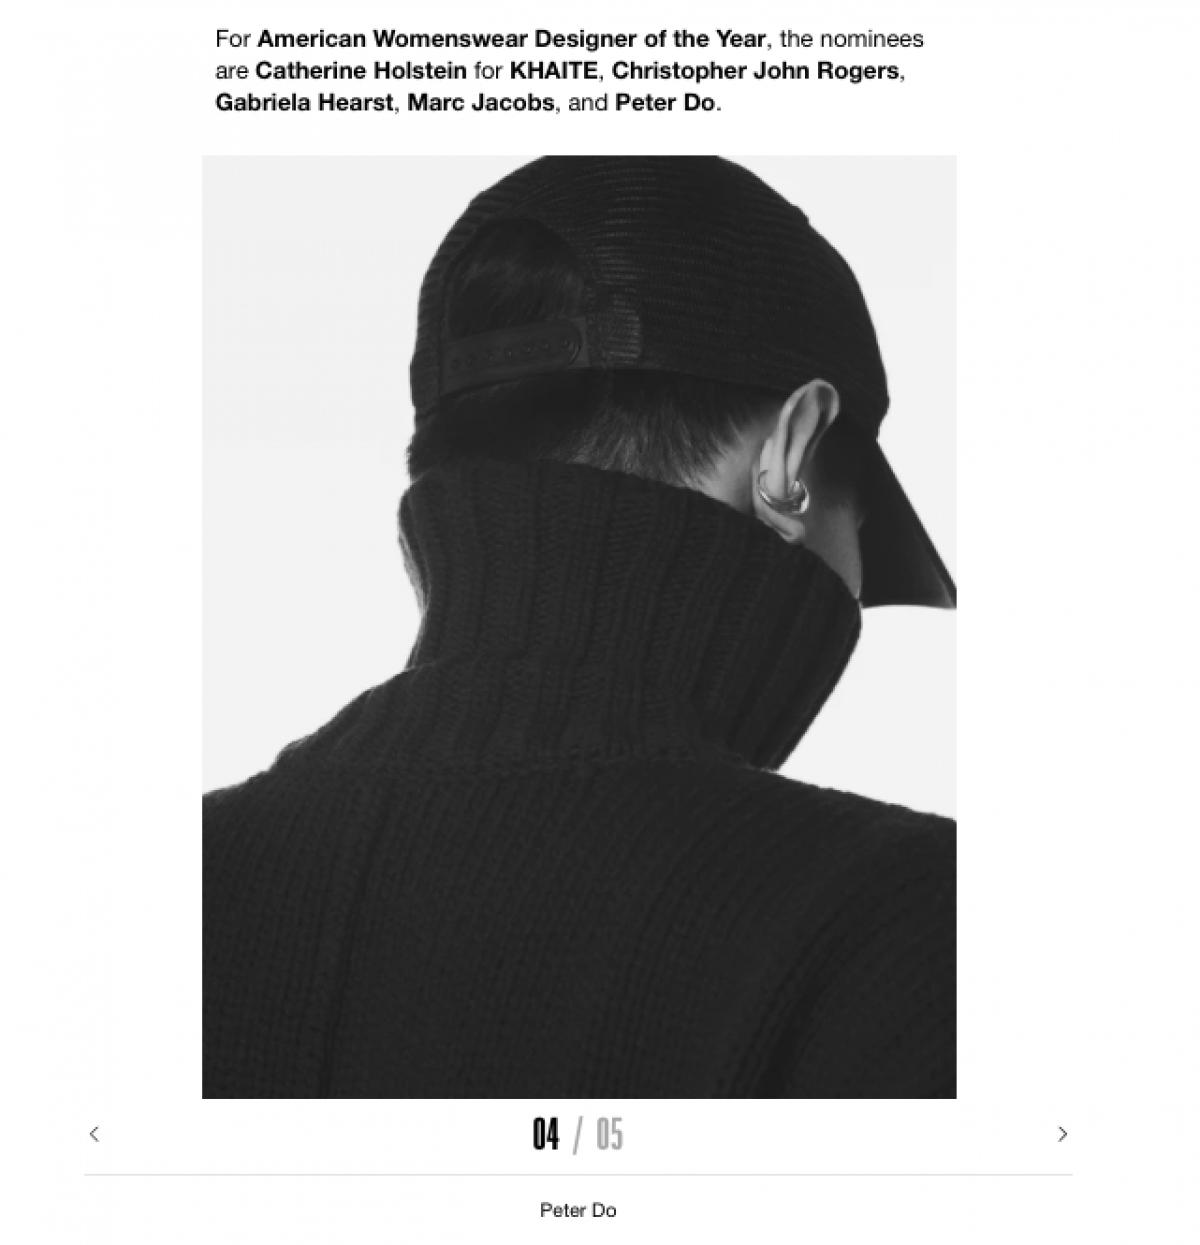 Hình ảnh nhà thiết kế Peter Do trong danh sách đề cử giải thưởng CFDA.